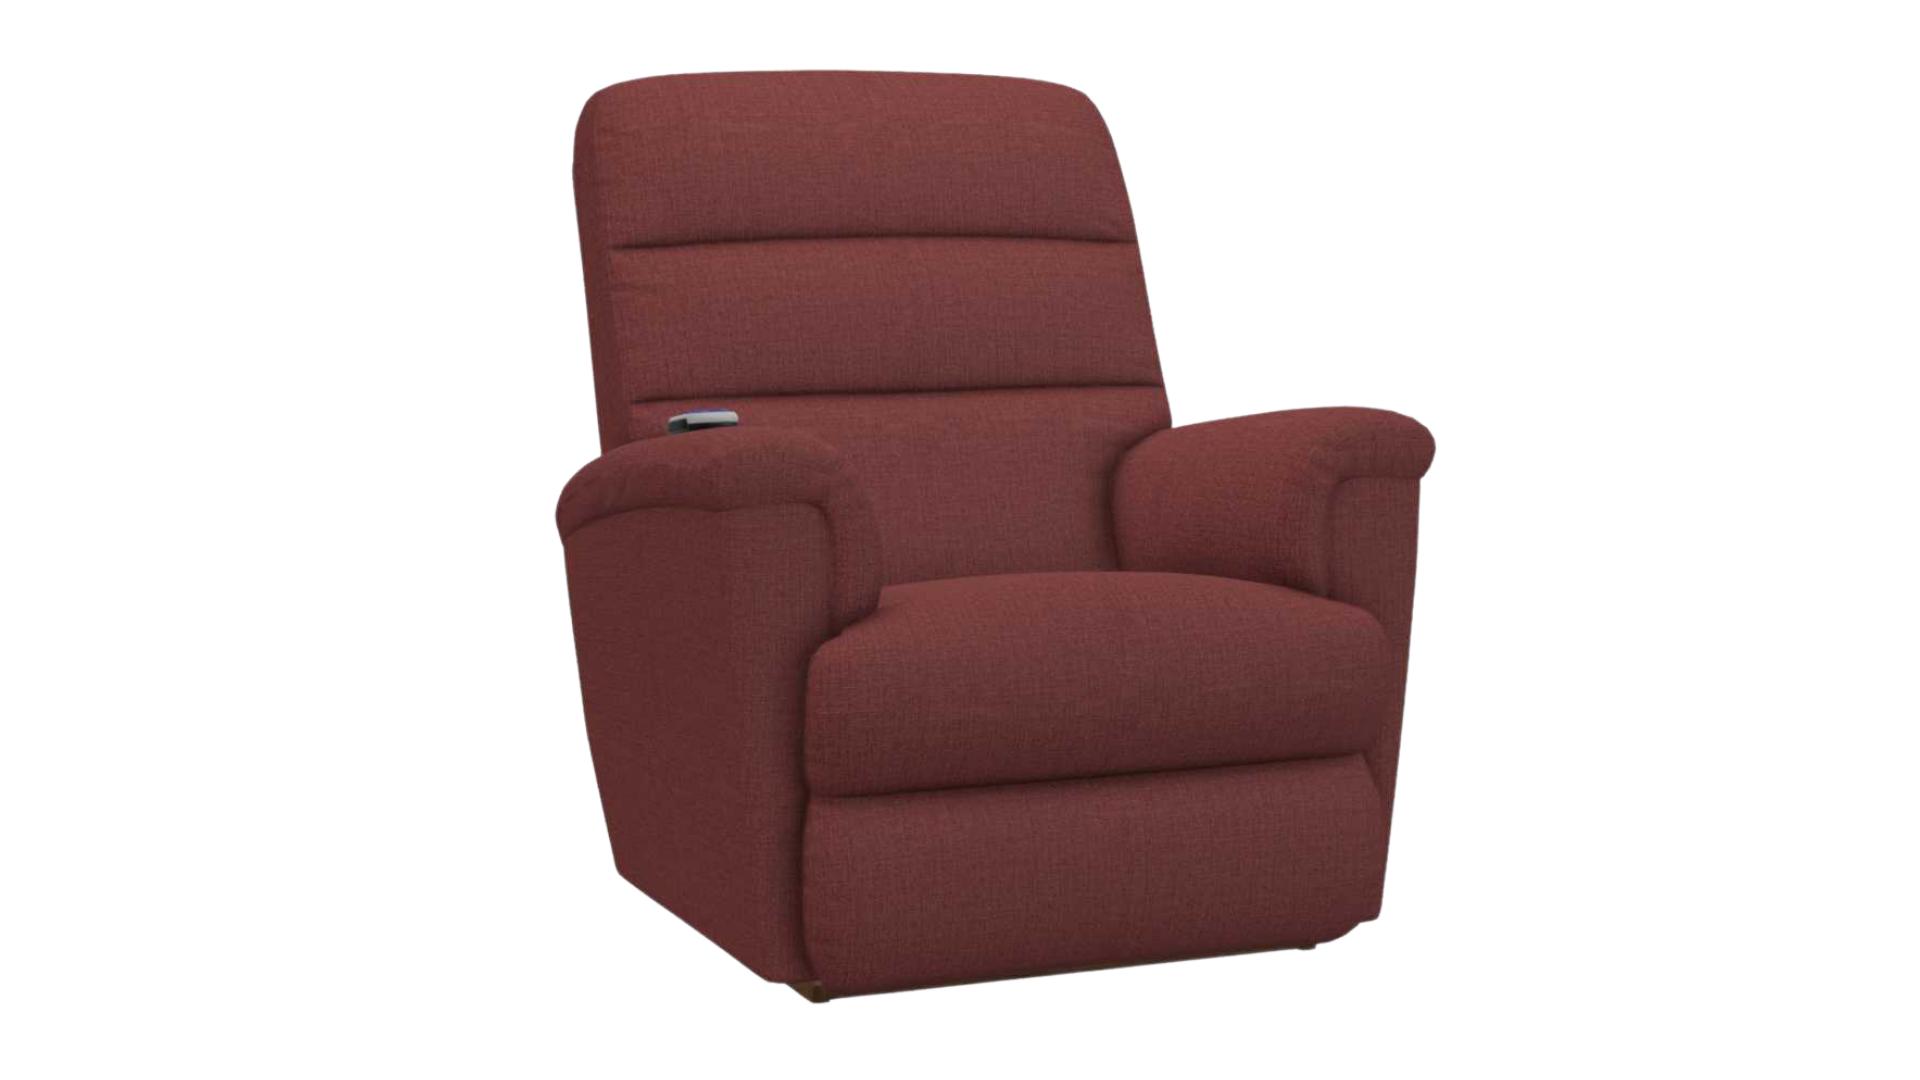 La-Z-Boy best recliners for sleeping